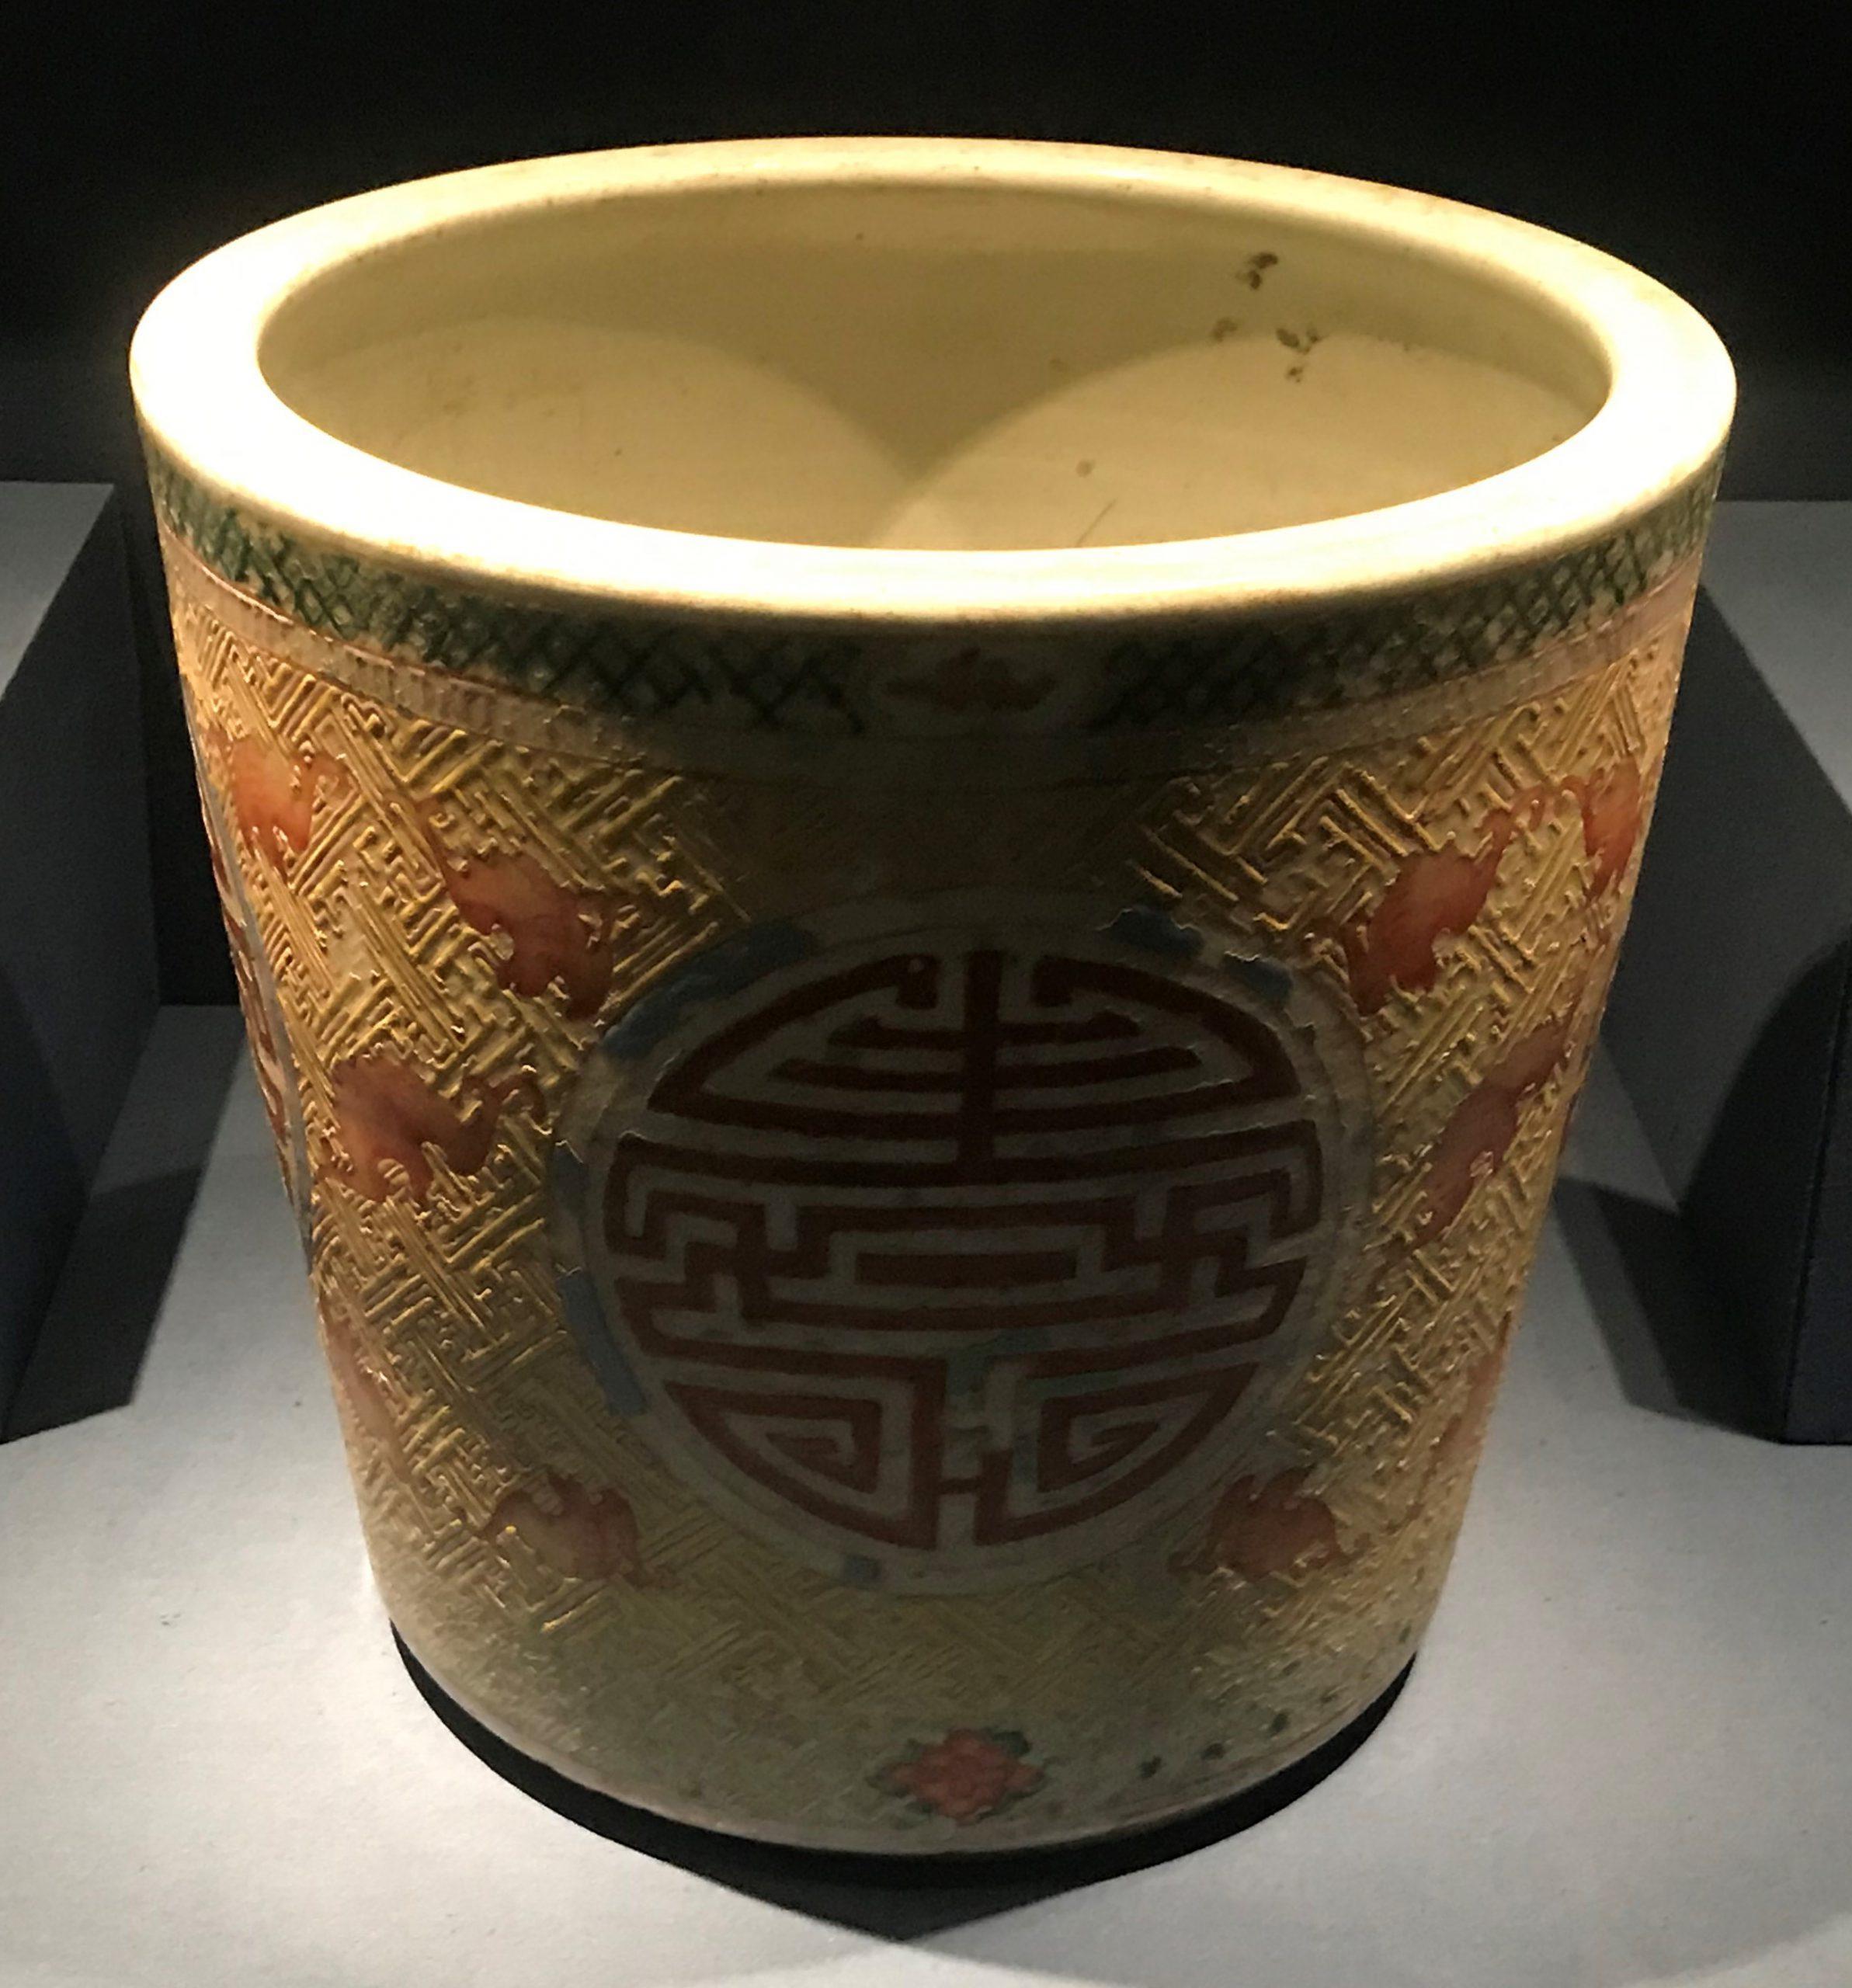 粉彩蝠紋寿字磁缸-明清時代-常設展F3-成都博物館